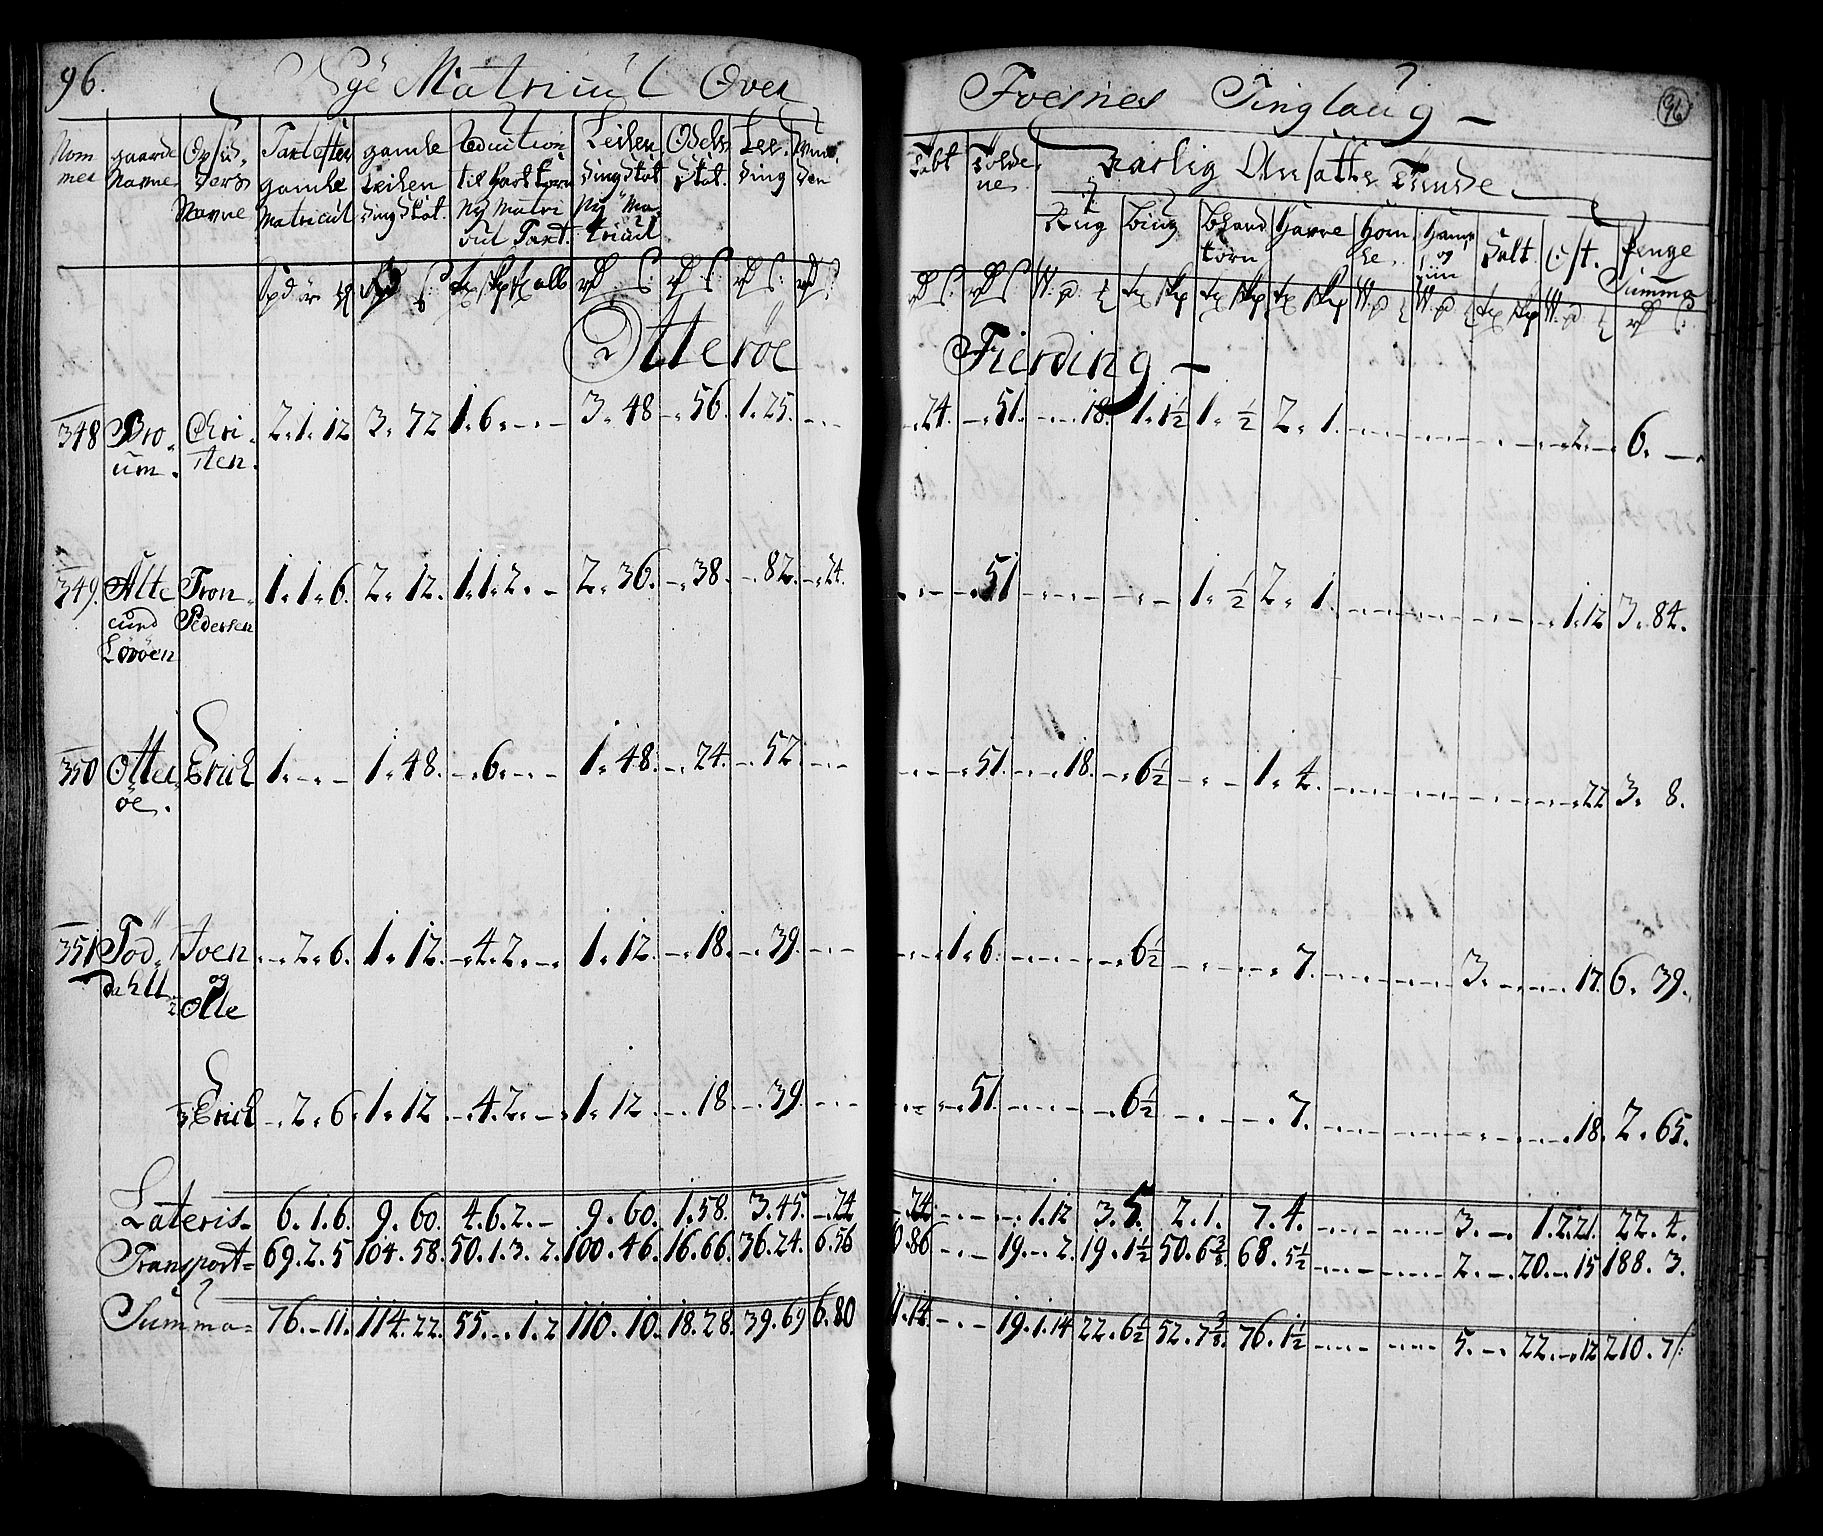 RA, Rentekammeret inntil 1814, Realistisk ordnet avdeling, N/Nb/Nbf/L0169: Namdalen matrikkelprotokoll, 1723, s. 95b-96a